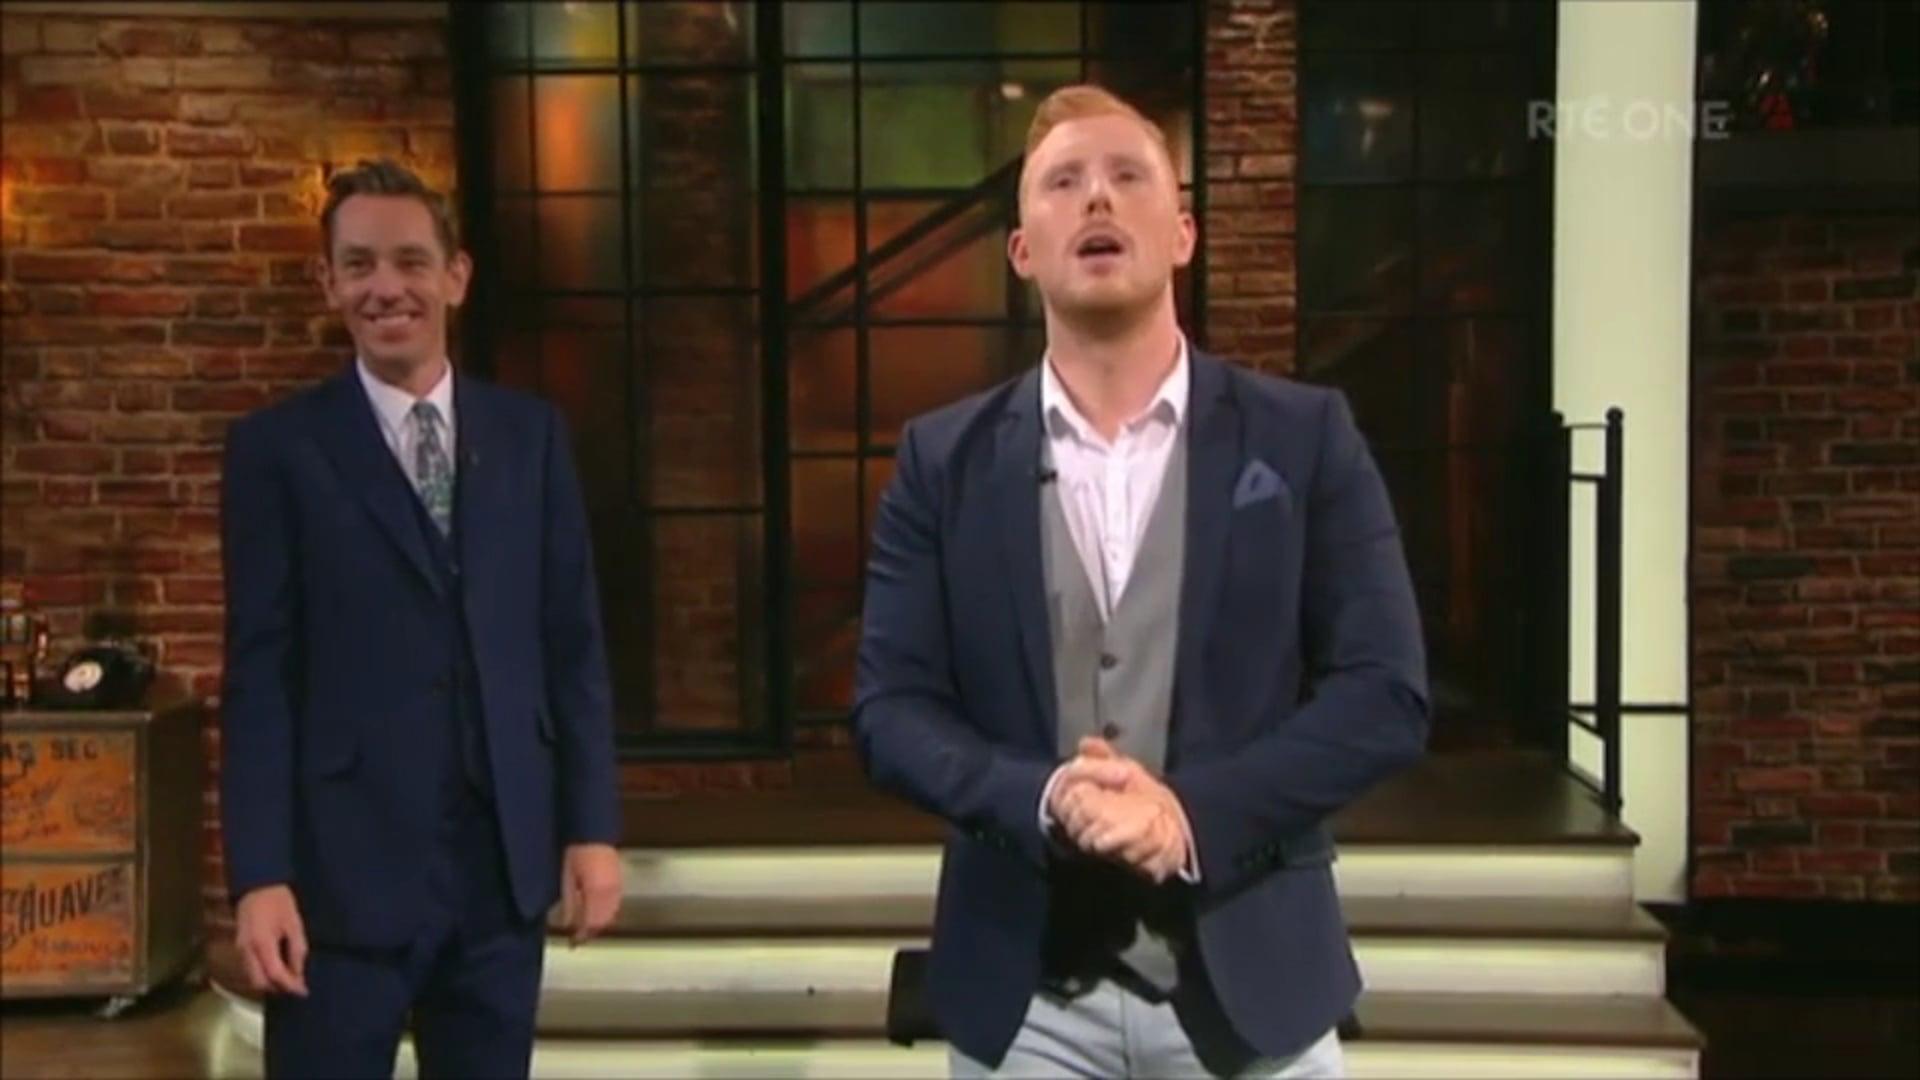 Rua on The Late Late Show